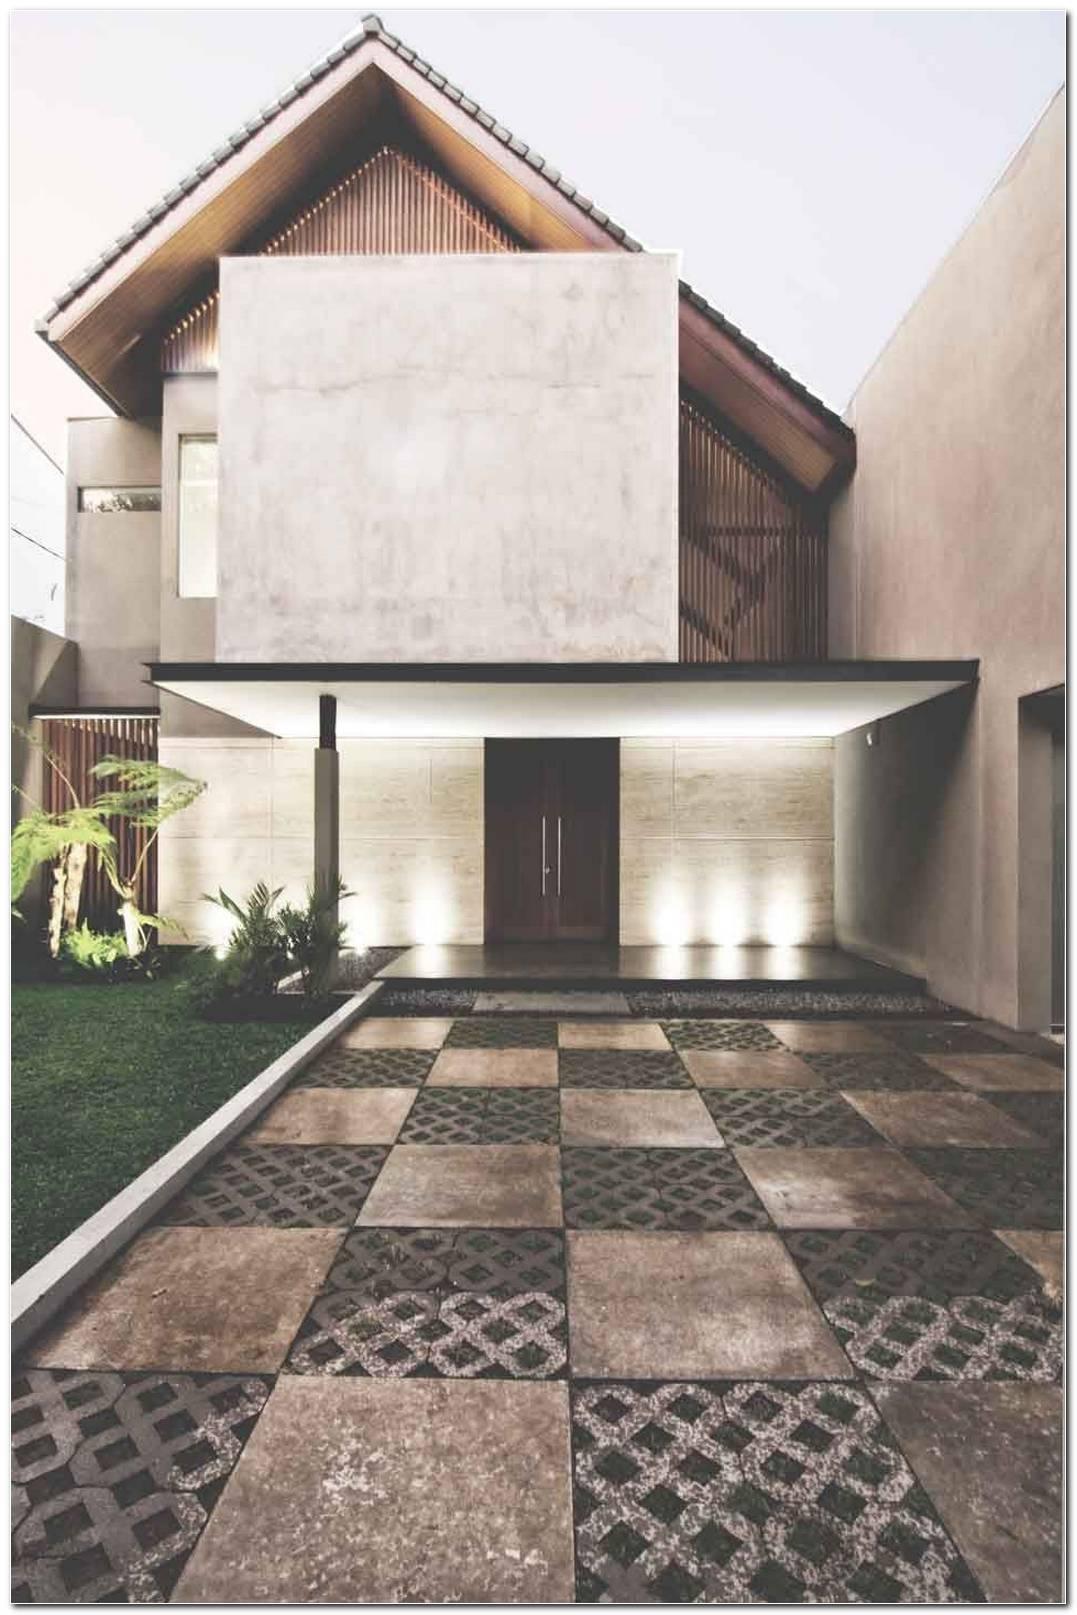 Modelos De Telhados Os Principais Tipos E Materiais Para A Construção